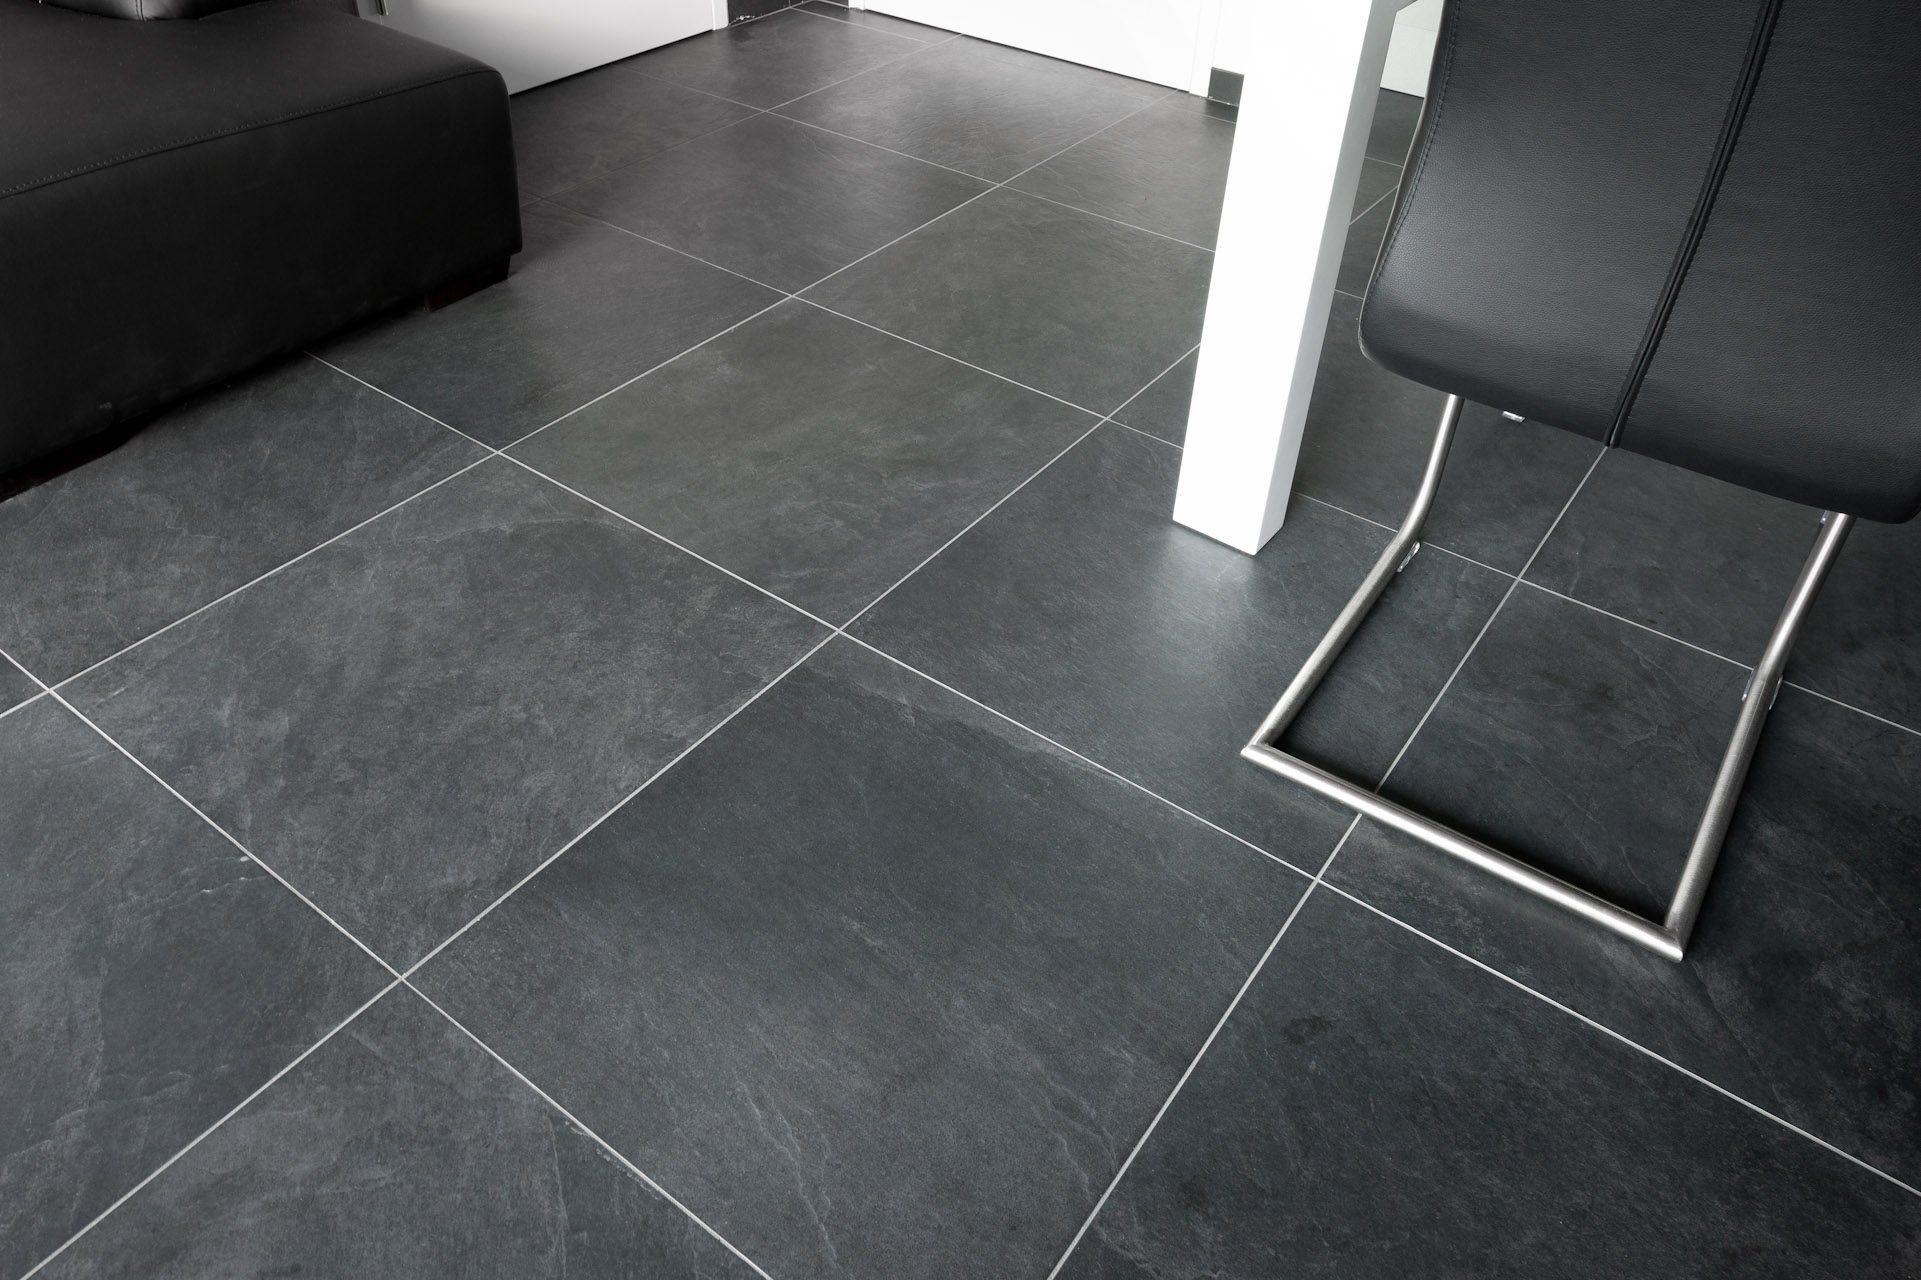 KROON Vloeren u2013 vloertegels 60x60cm u2013 022 KROON Vloeren ...